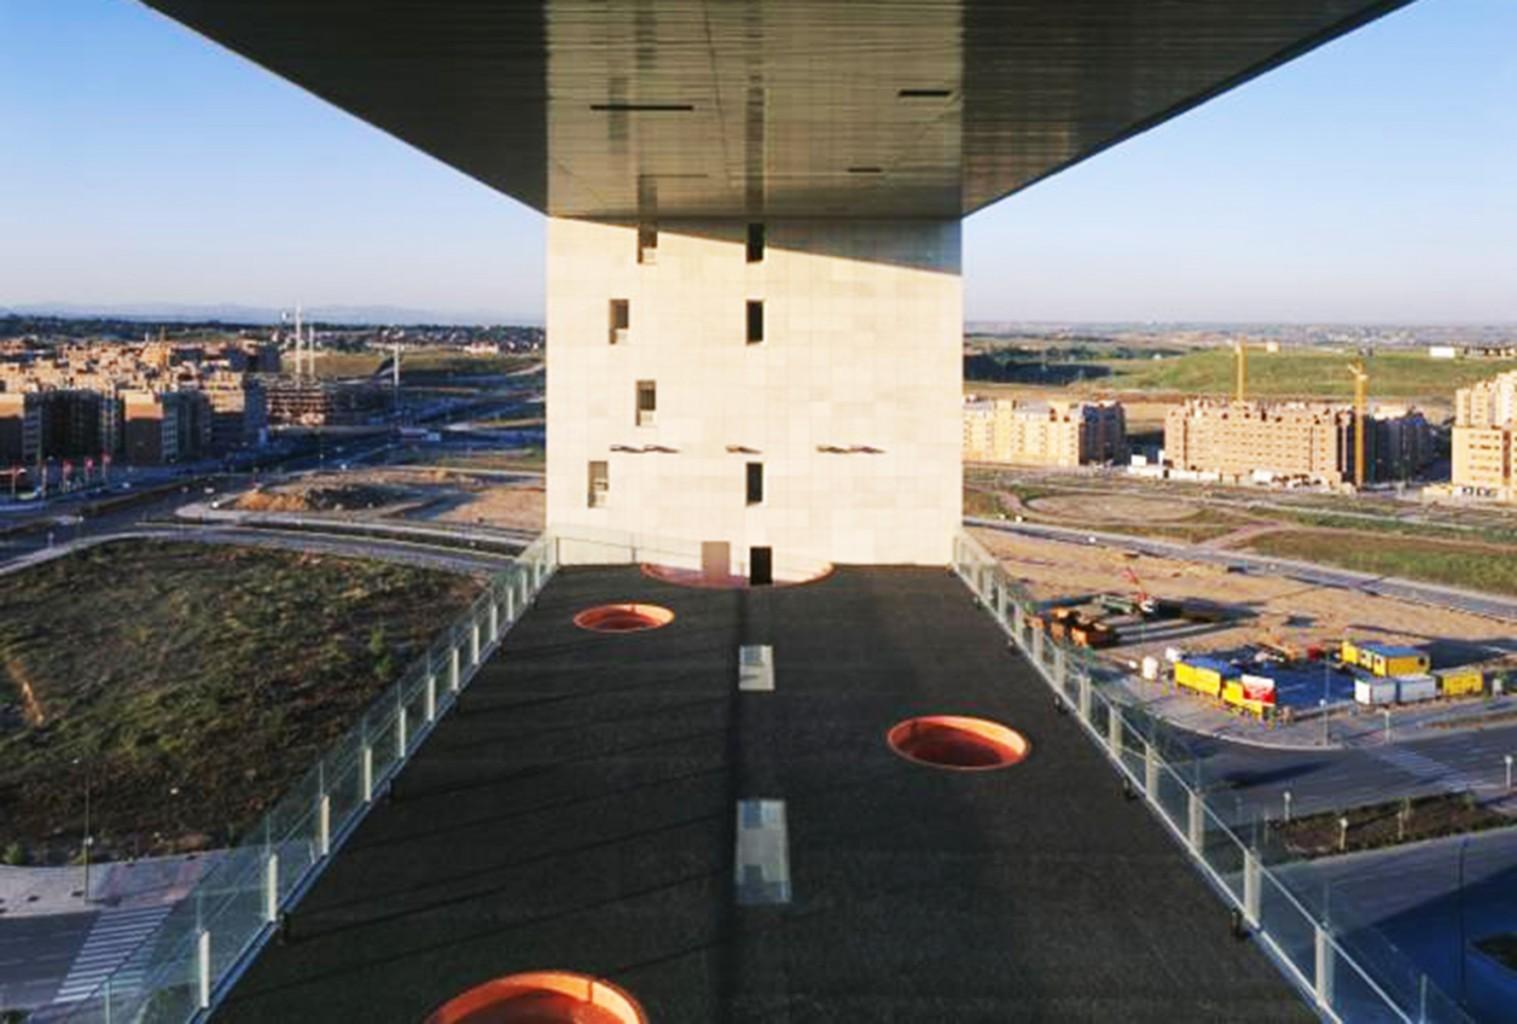 Edificio Mirador Blanca Lleo y MVRDV 08 copia